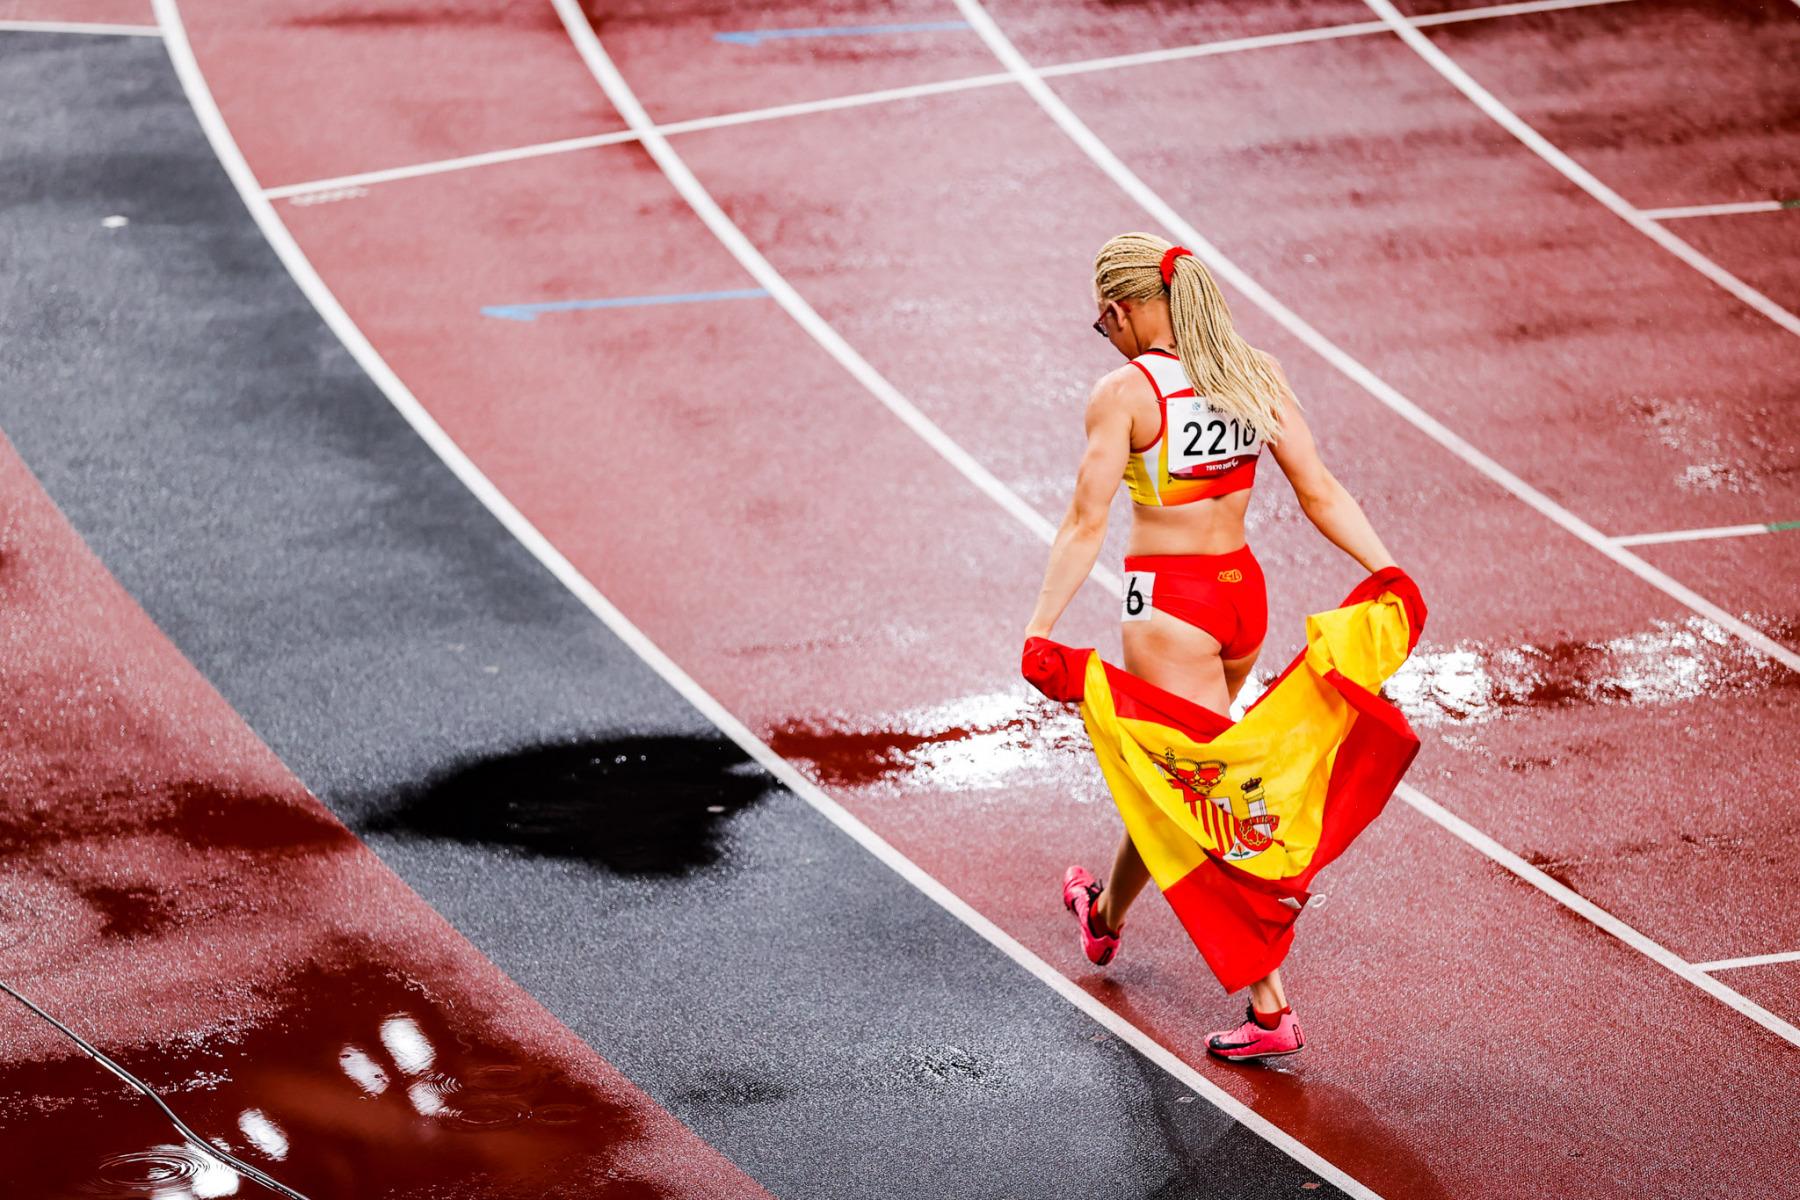 Adiaratou Iglesias, medalla de oro en los 100 m T3 femenino.  Estadio Olímpico de Tokio. 31/08/21. Juegos Paralímpicos Tokio 2020. ©Jaime de Diego / CPE.